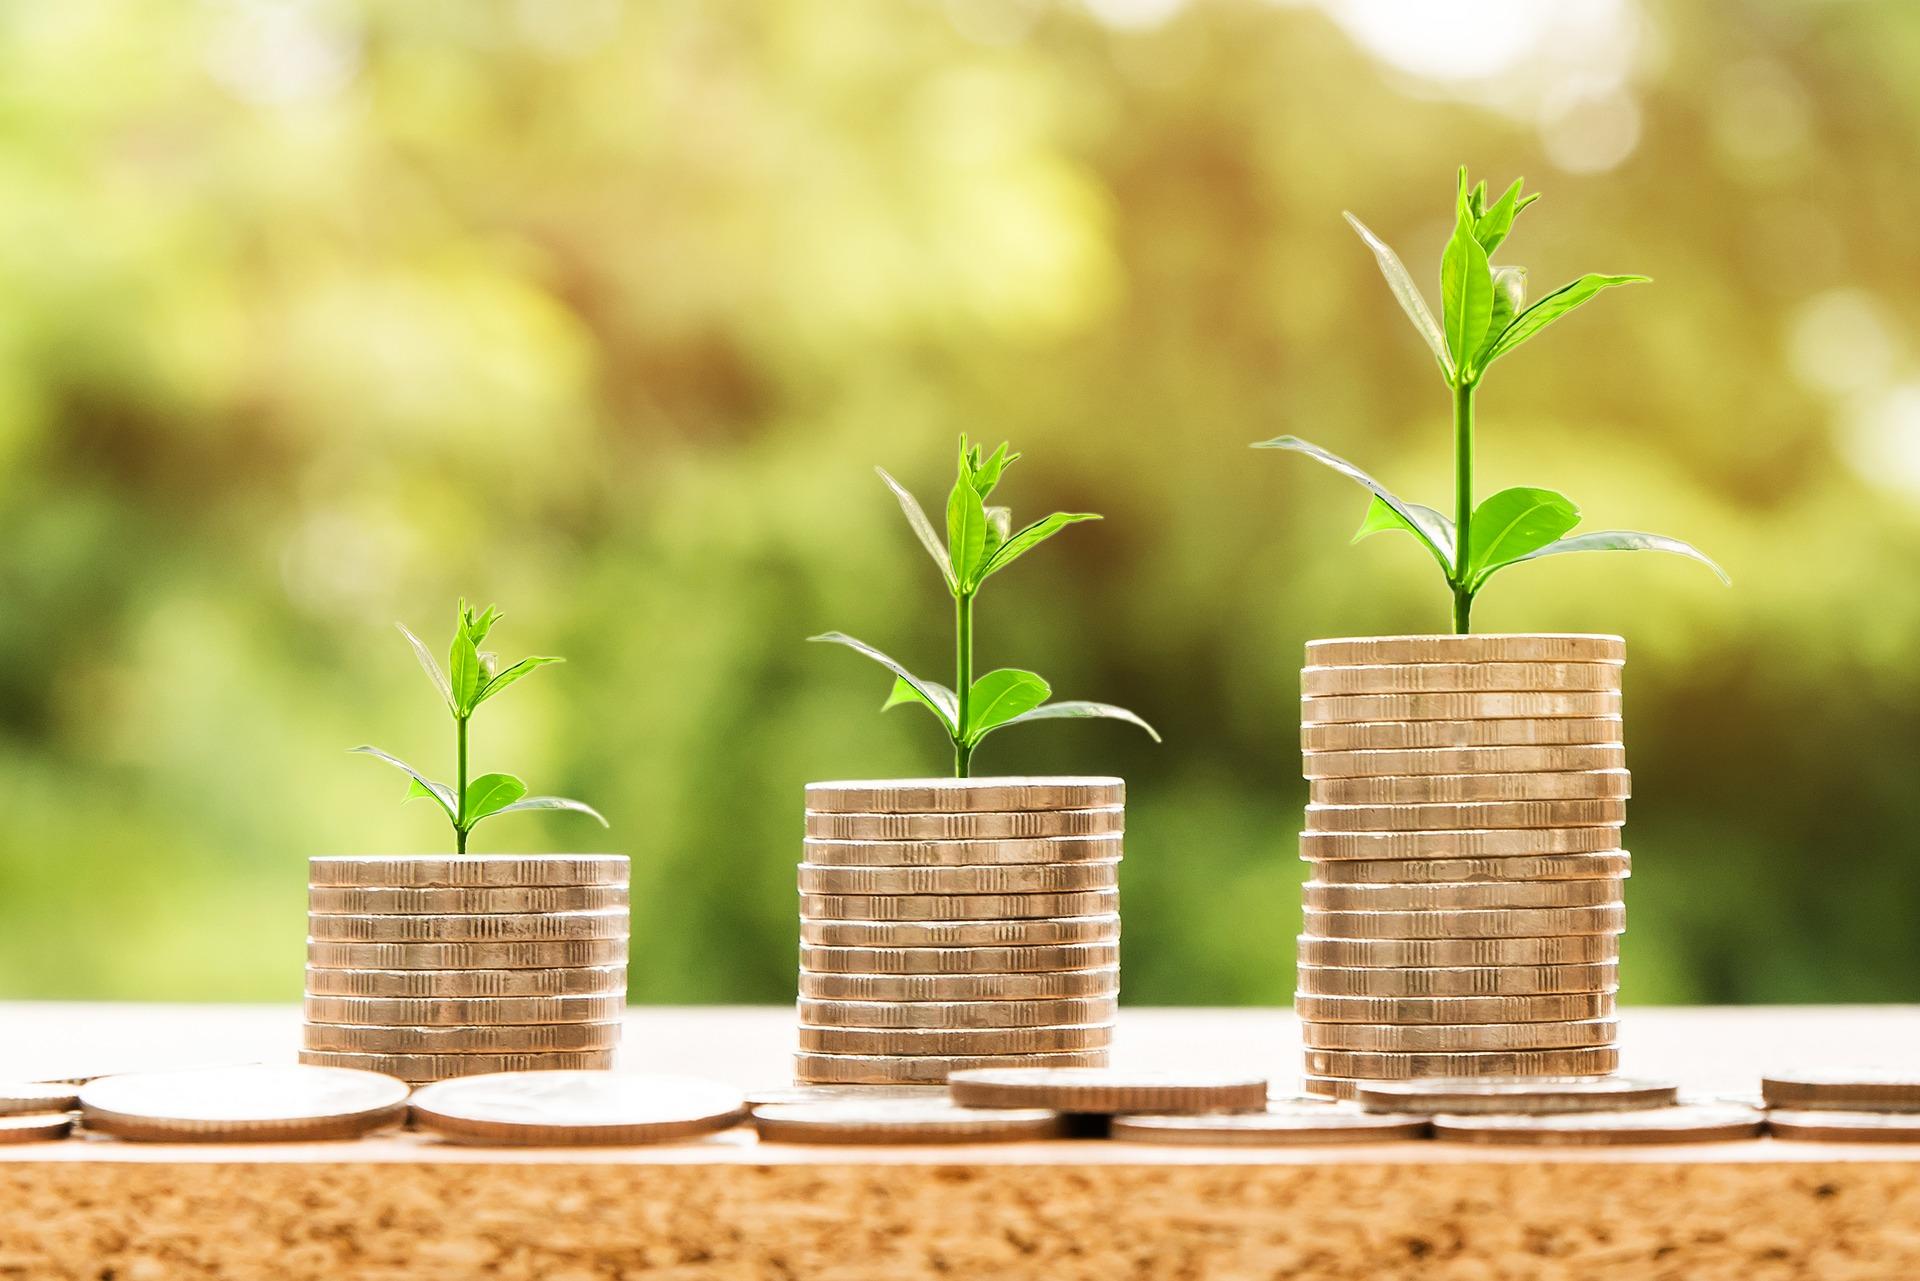 Apuntes de Economía: estímulos monetarios vs. incremento de salarios